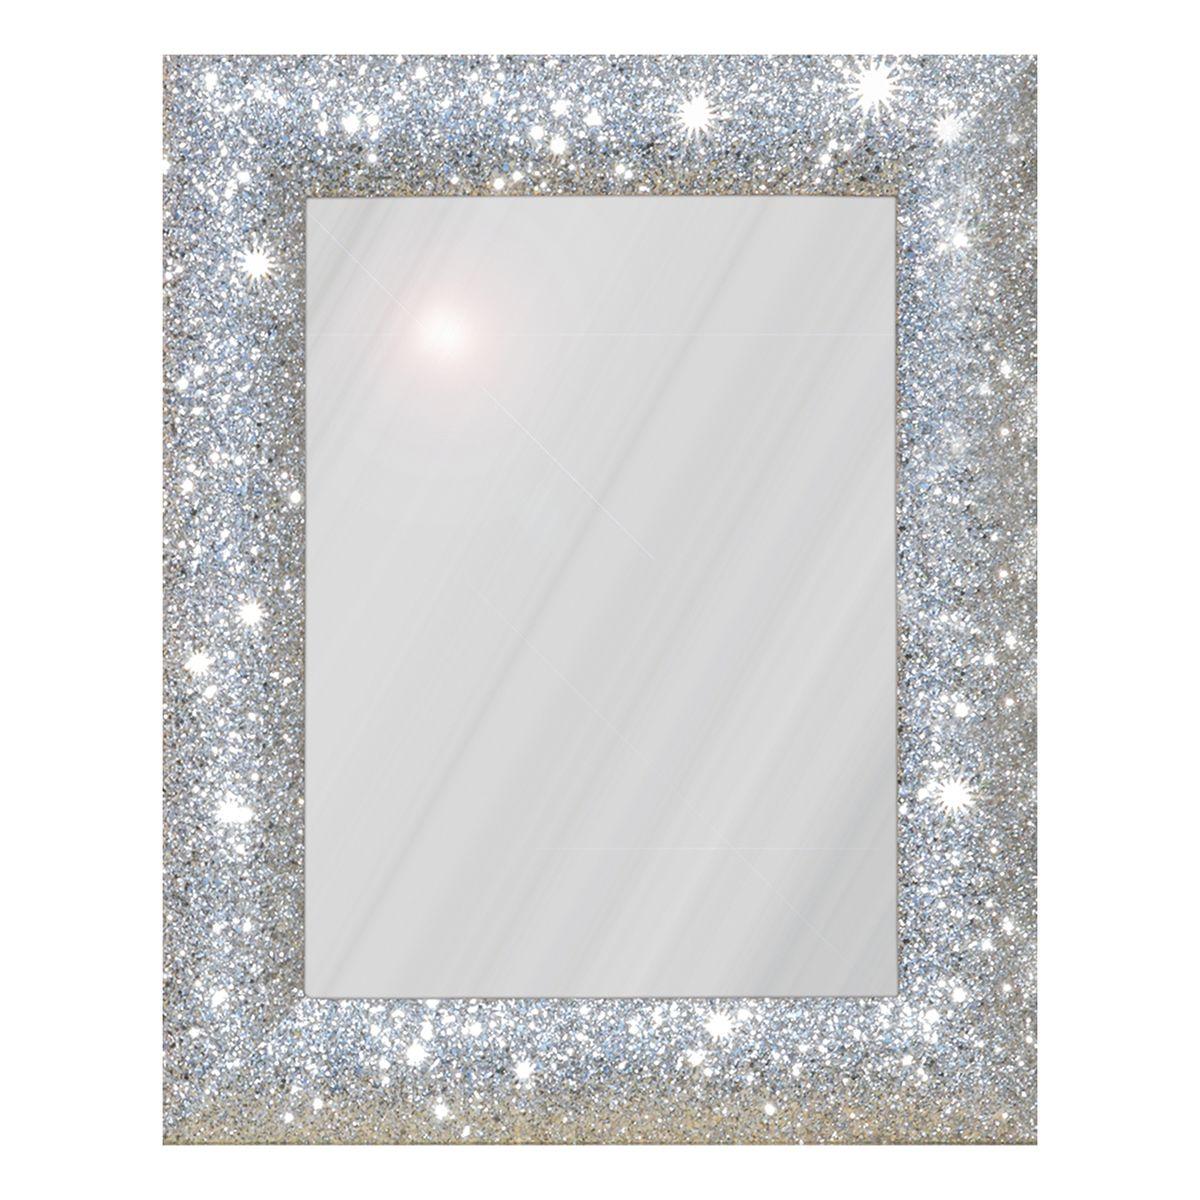 Specchi leroy merlin specchio onda x cm prezzi e offerte - Specchi da terra leroy merlin ...